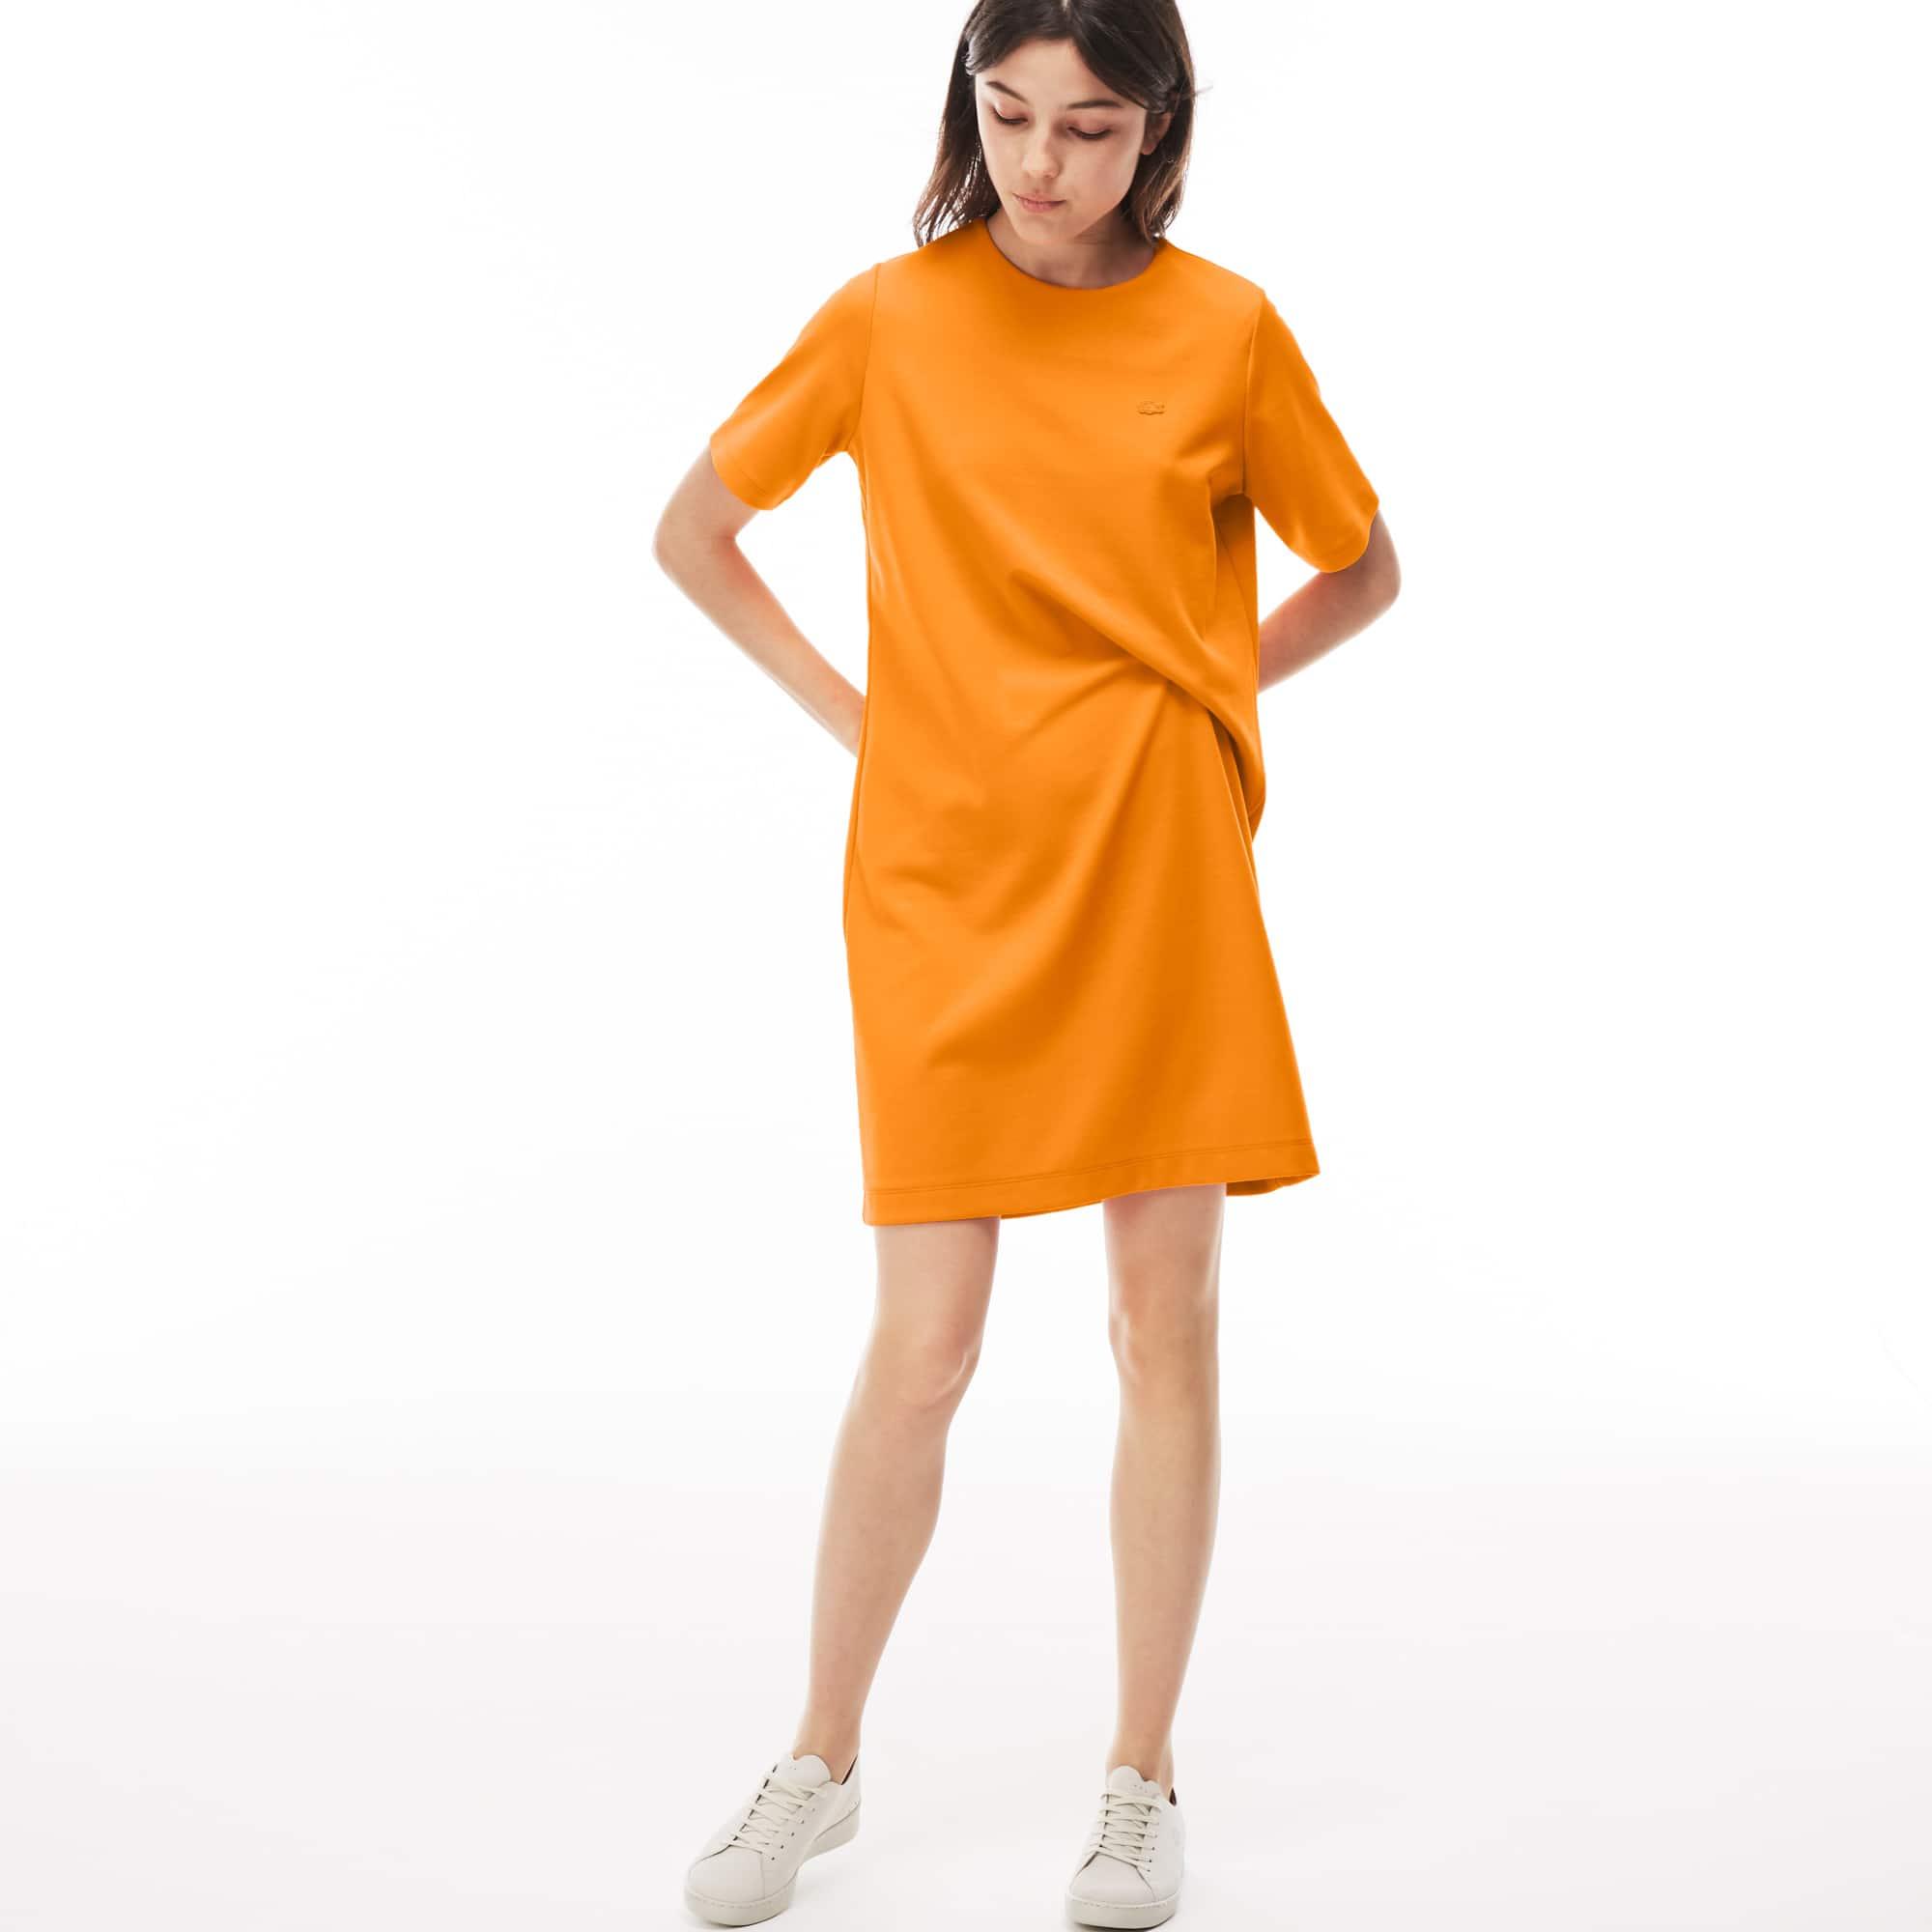 Damen LACOSTE LIVE asymmetrisches Kleid aus Baumwolljersey